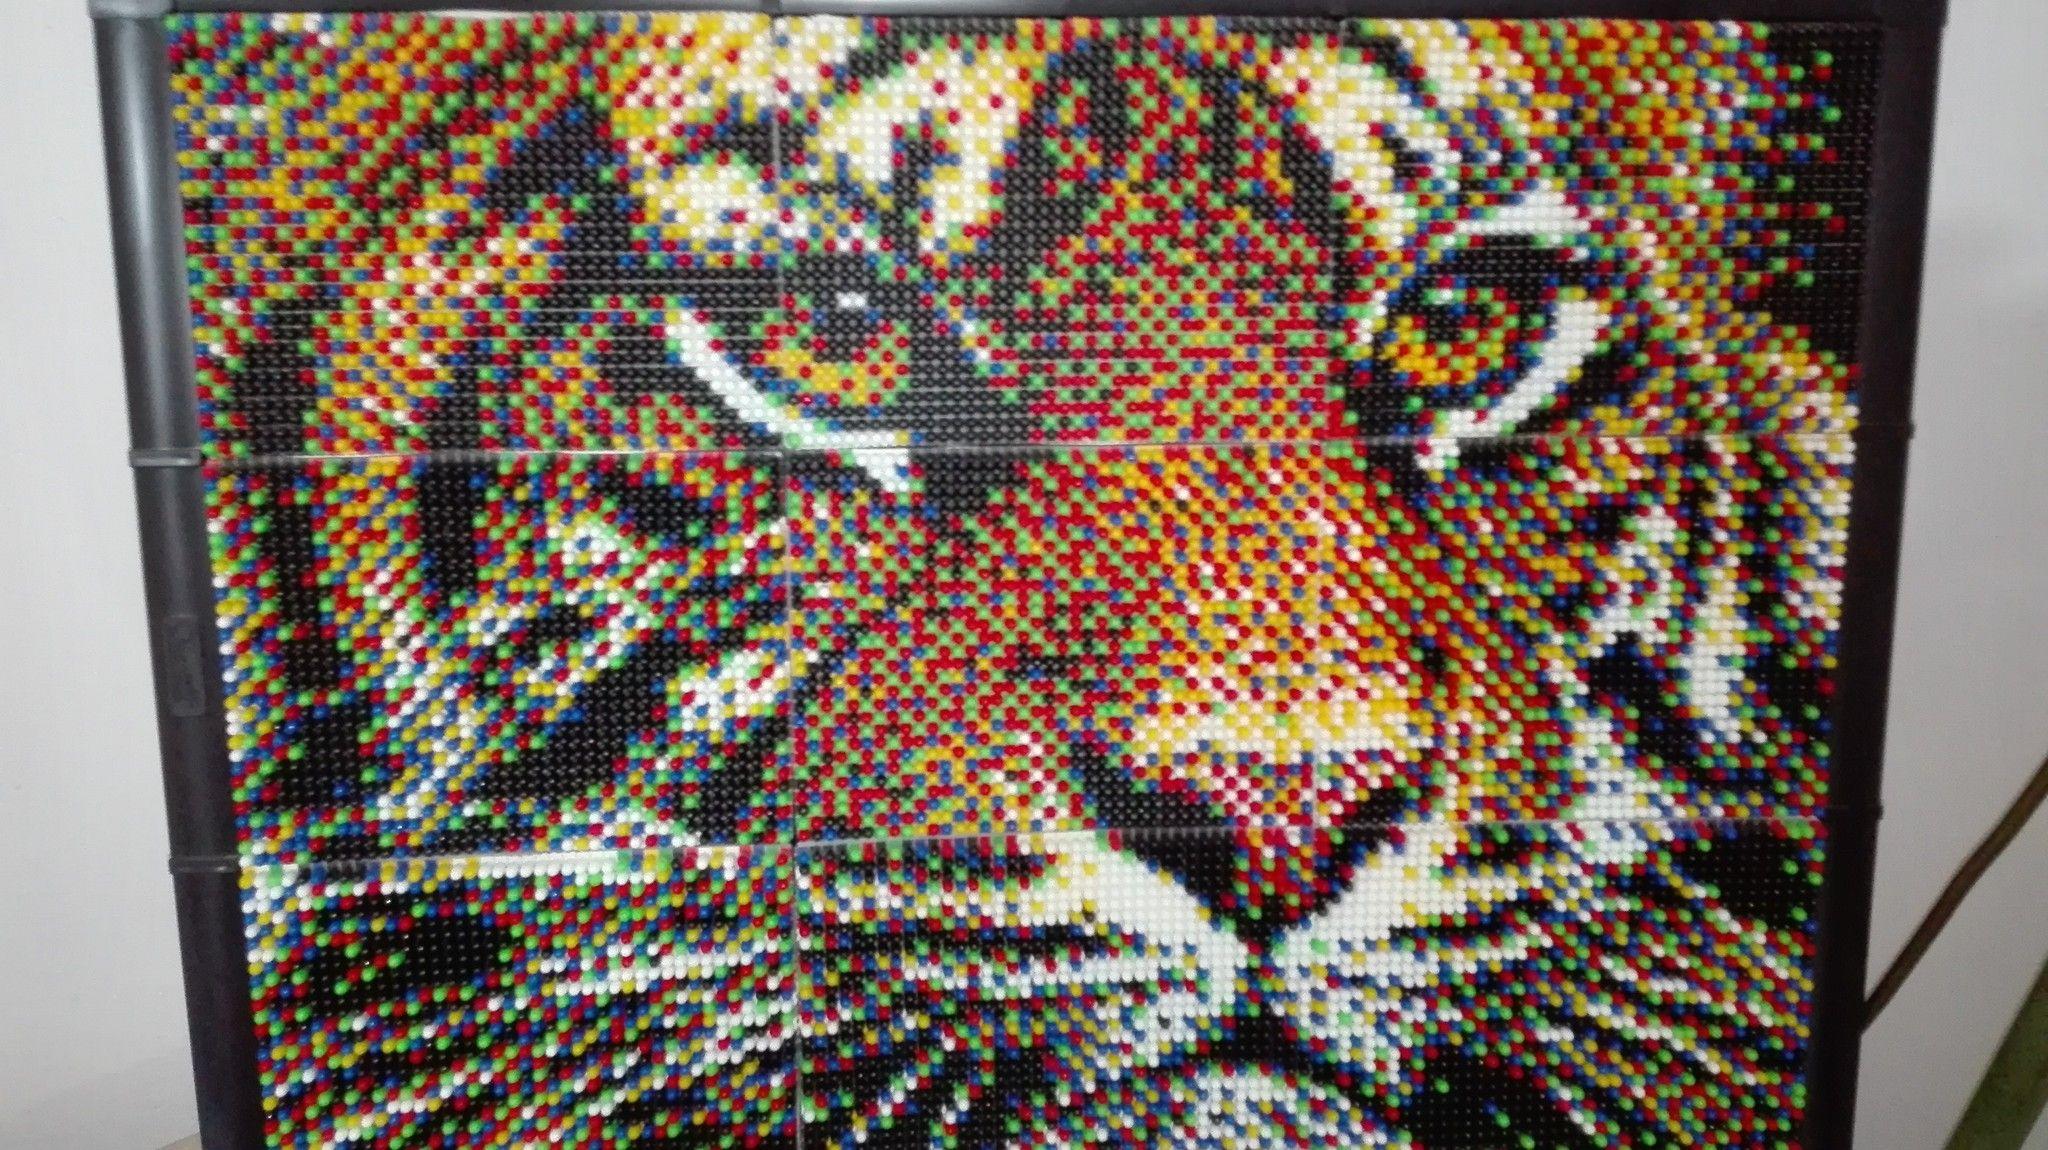 Pixel Art Creare Capolavori Con I Chiodini Di Plastica Portale